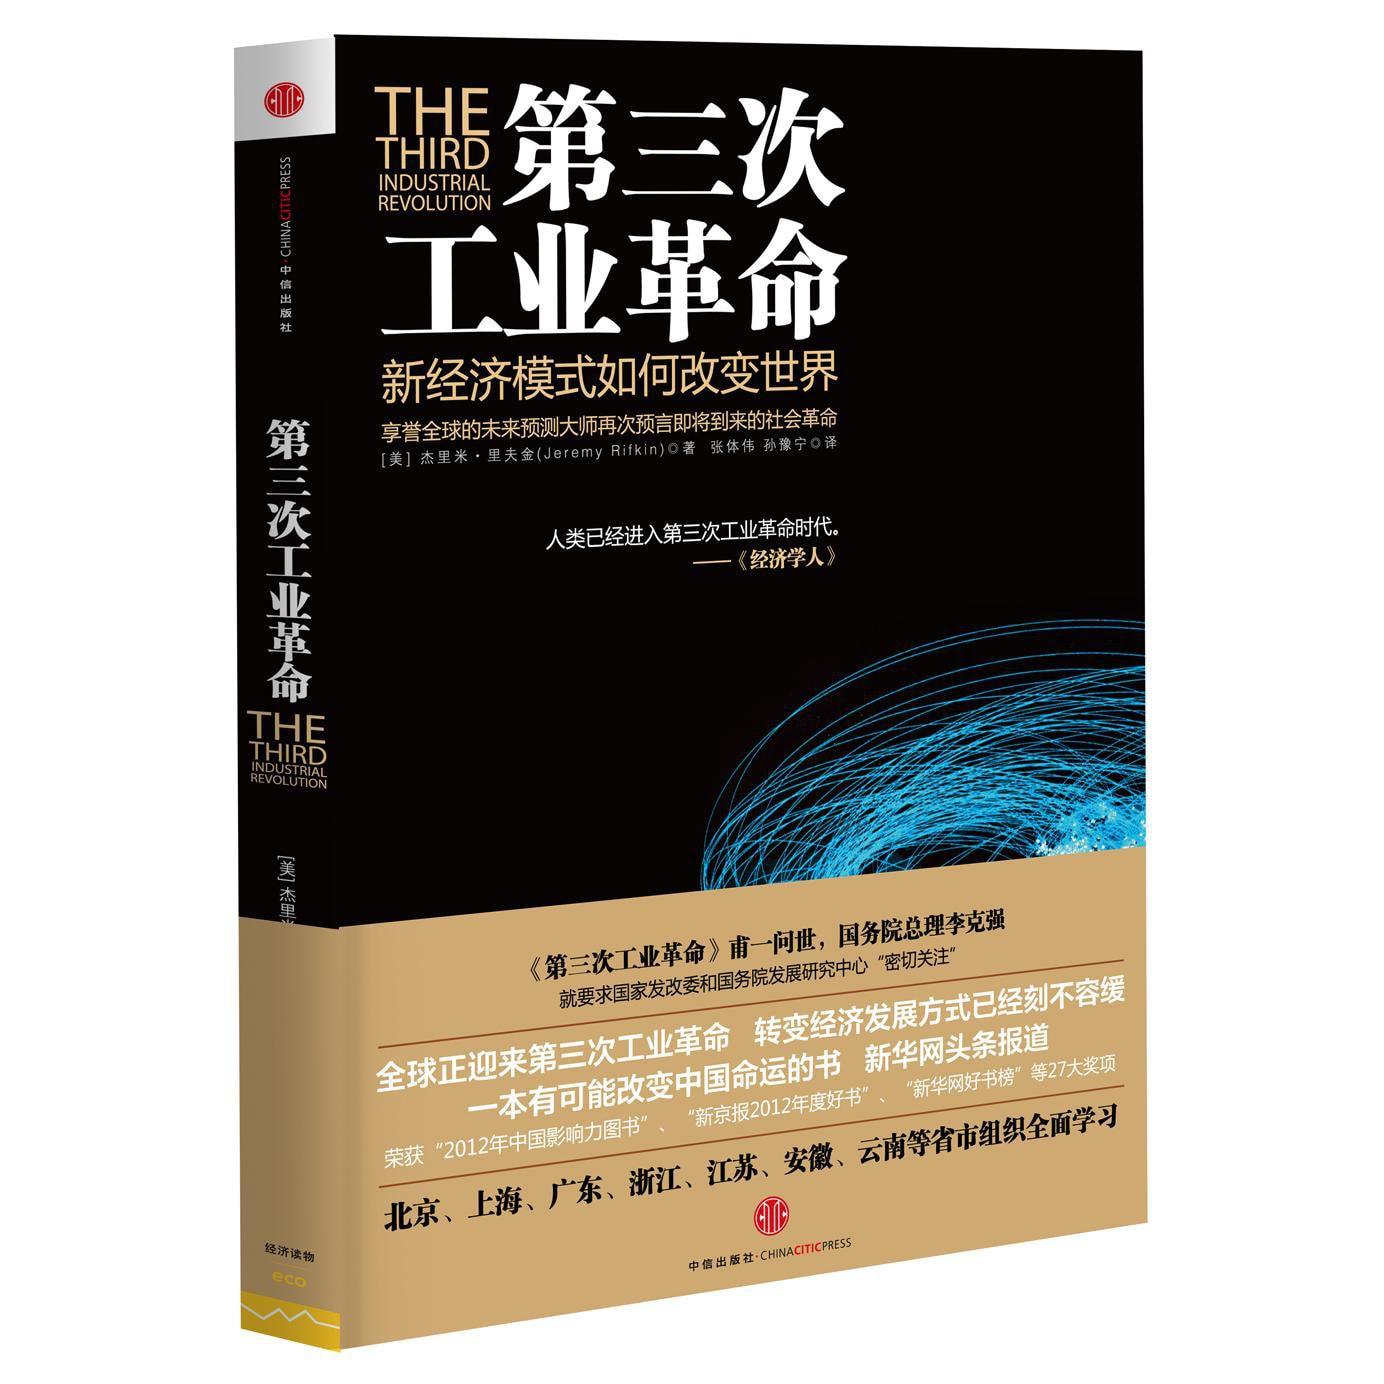 第三次工业革命:新经济模式如何改变世界 怎么样 - 亚米网